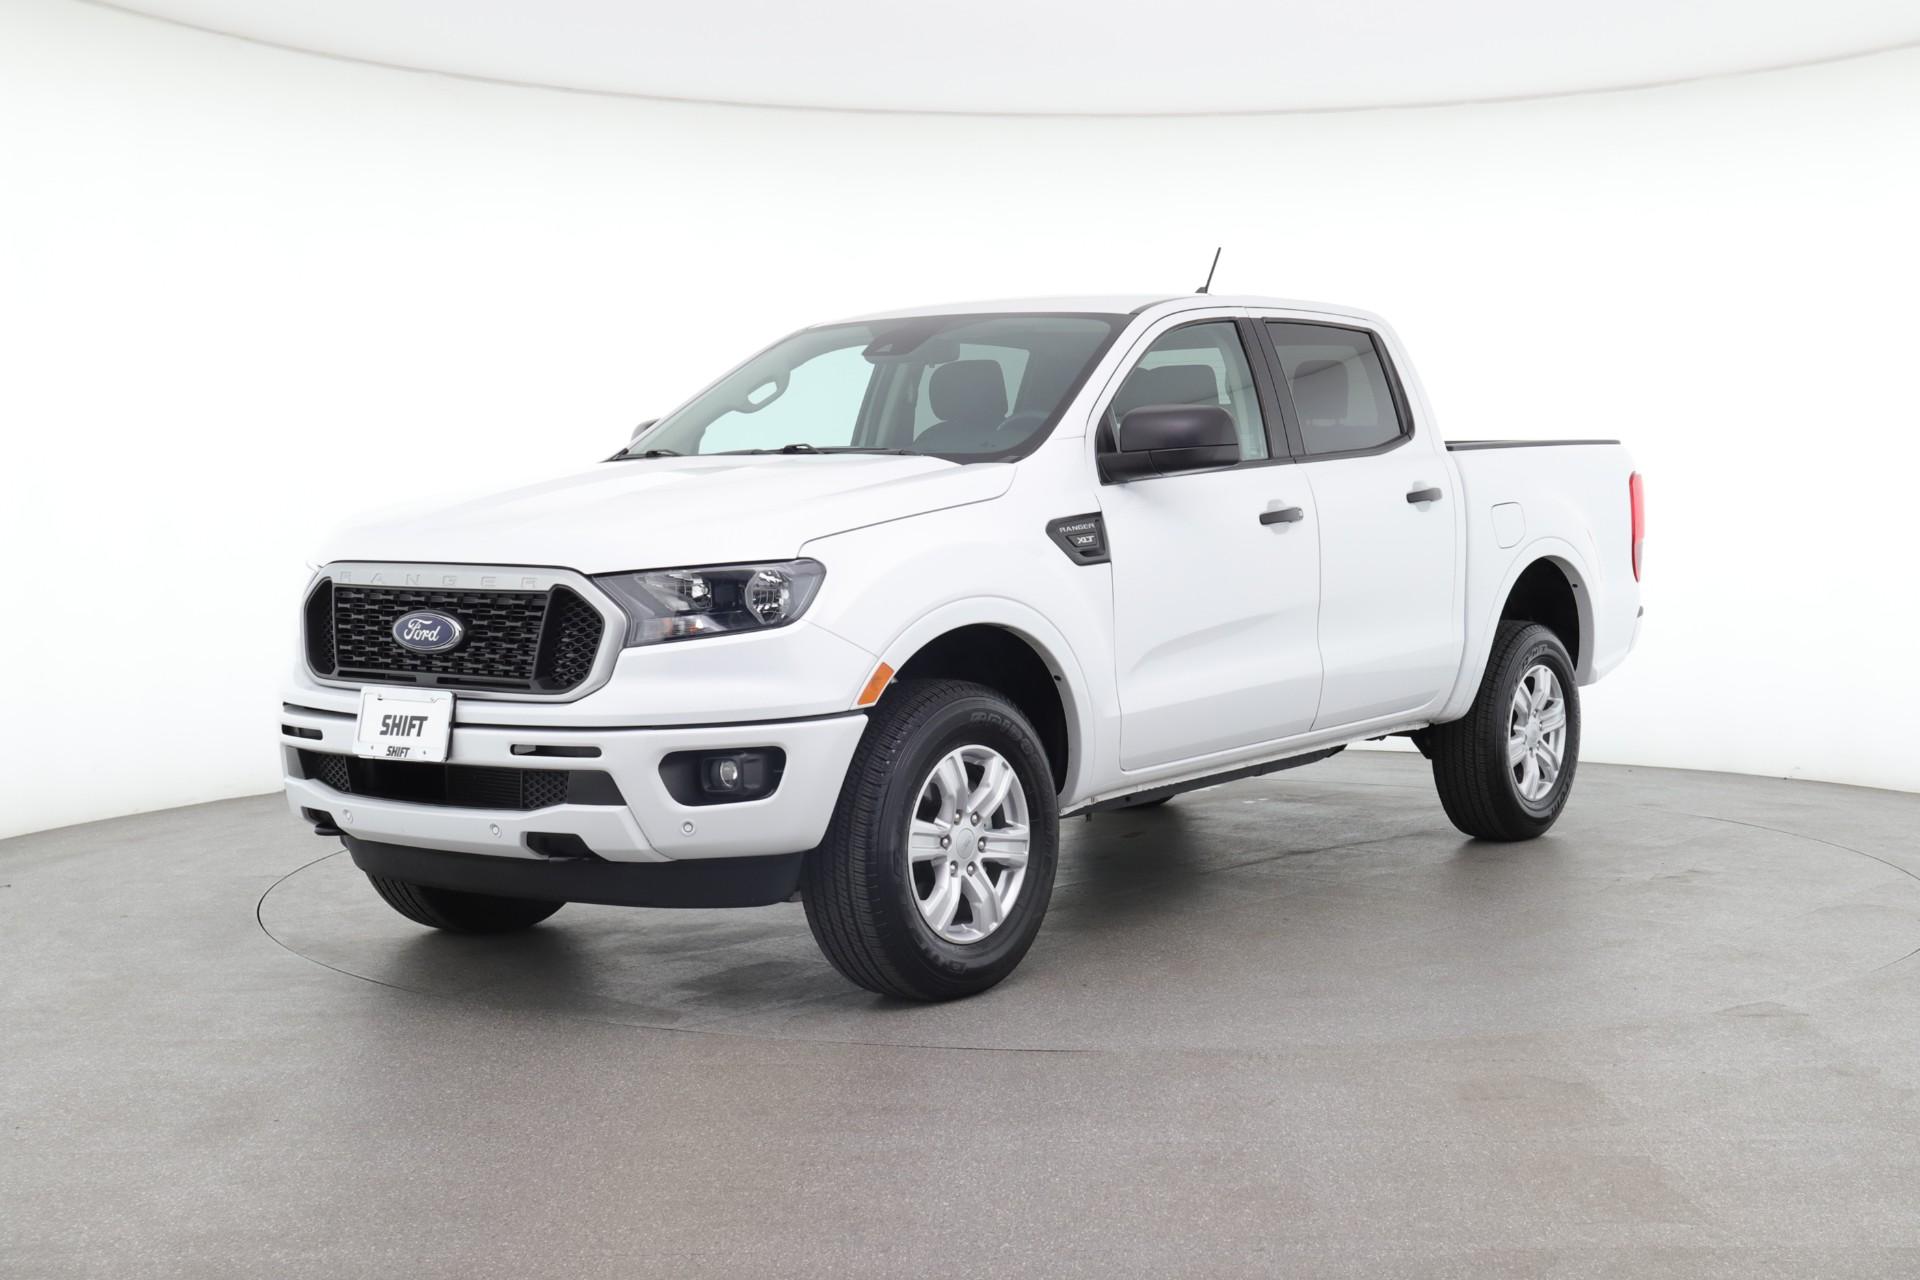 2019 Ford Ranger XLT (from $29,500)